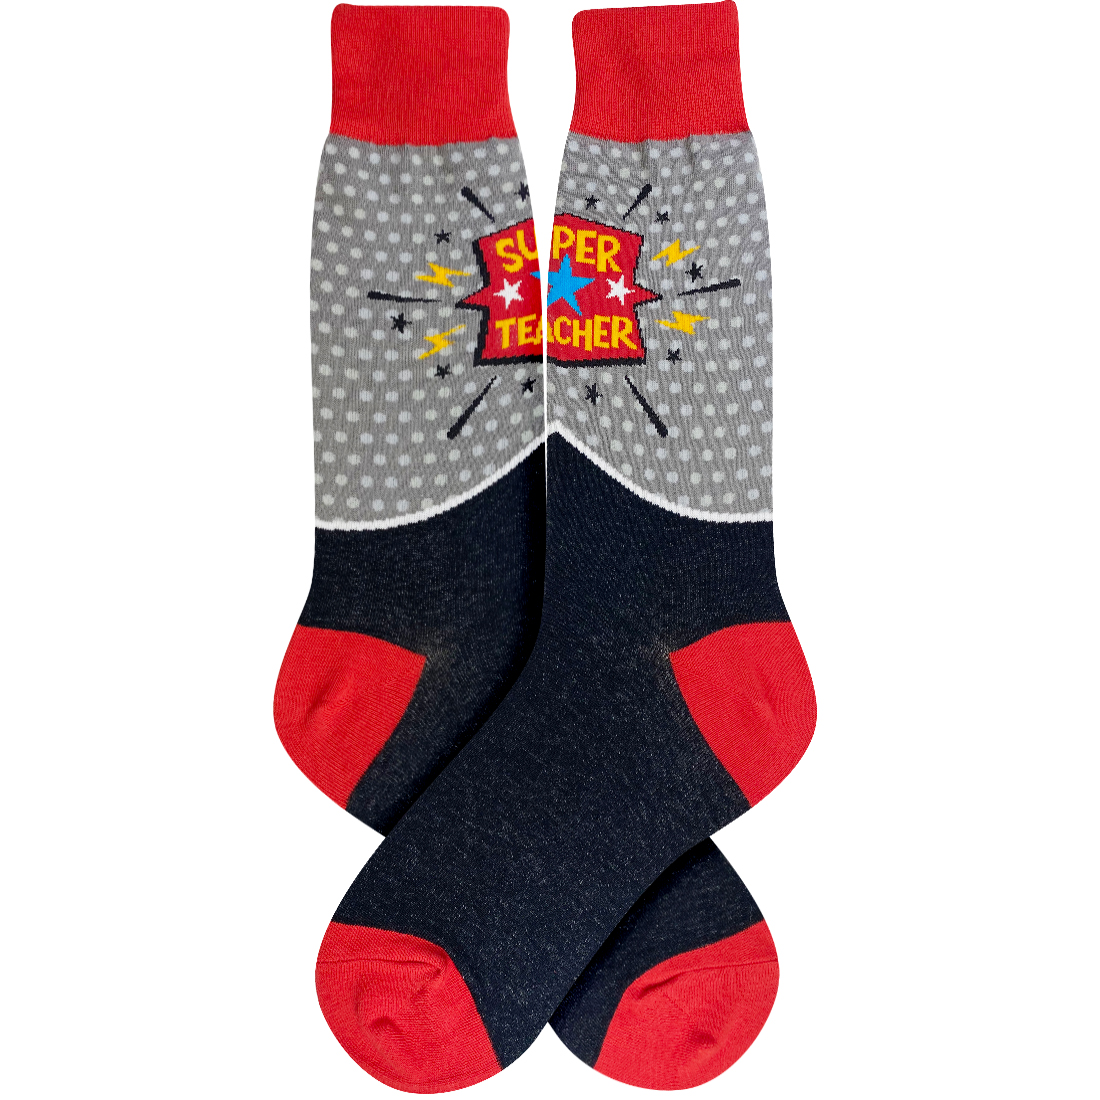 Super Teacher Socks